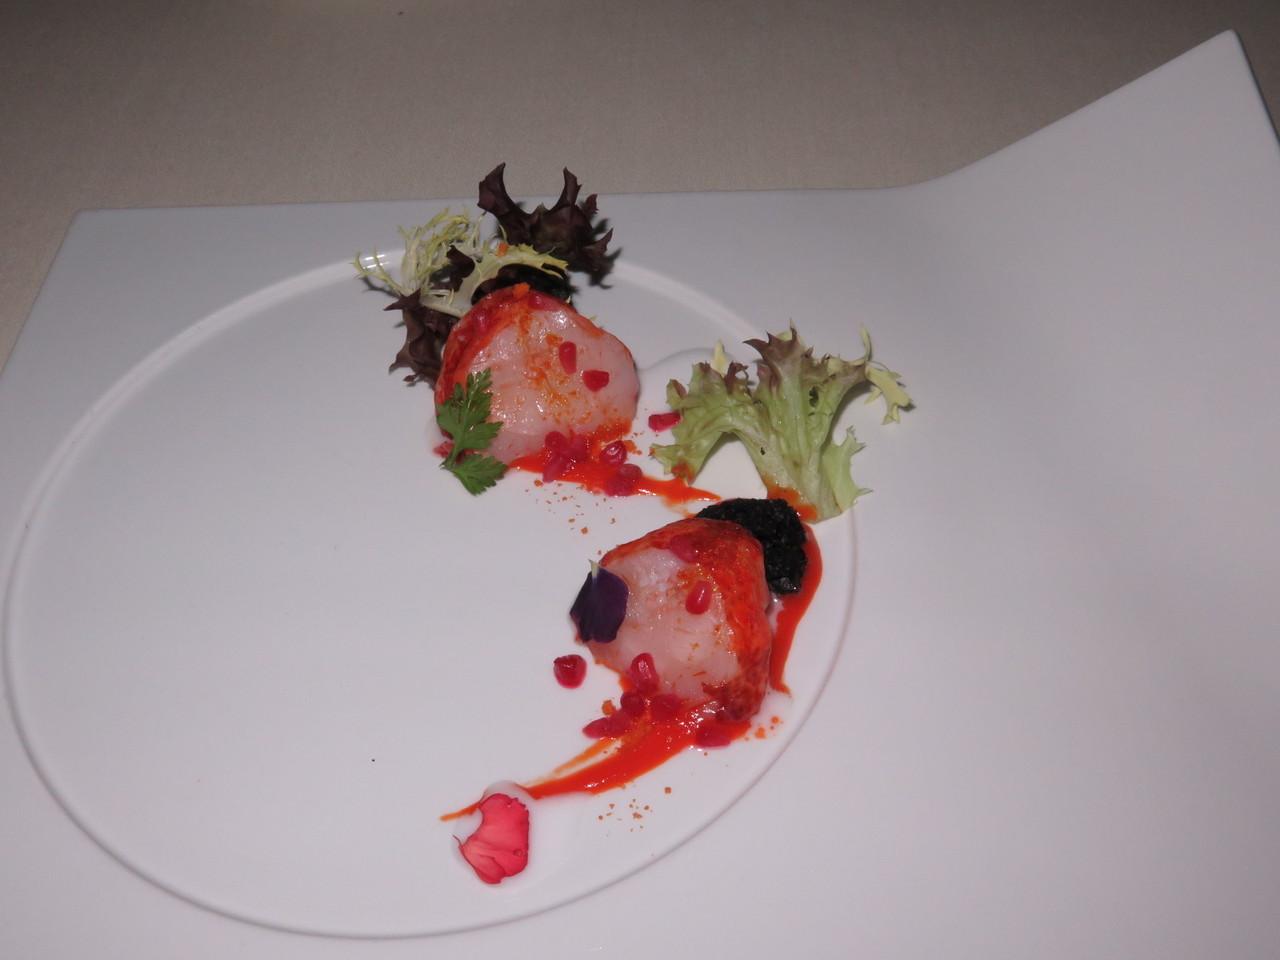 Medalhões de Lagosta em creme de pimentos vermelhos, creme de coco, esponja de azeitonas… e framboesas